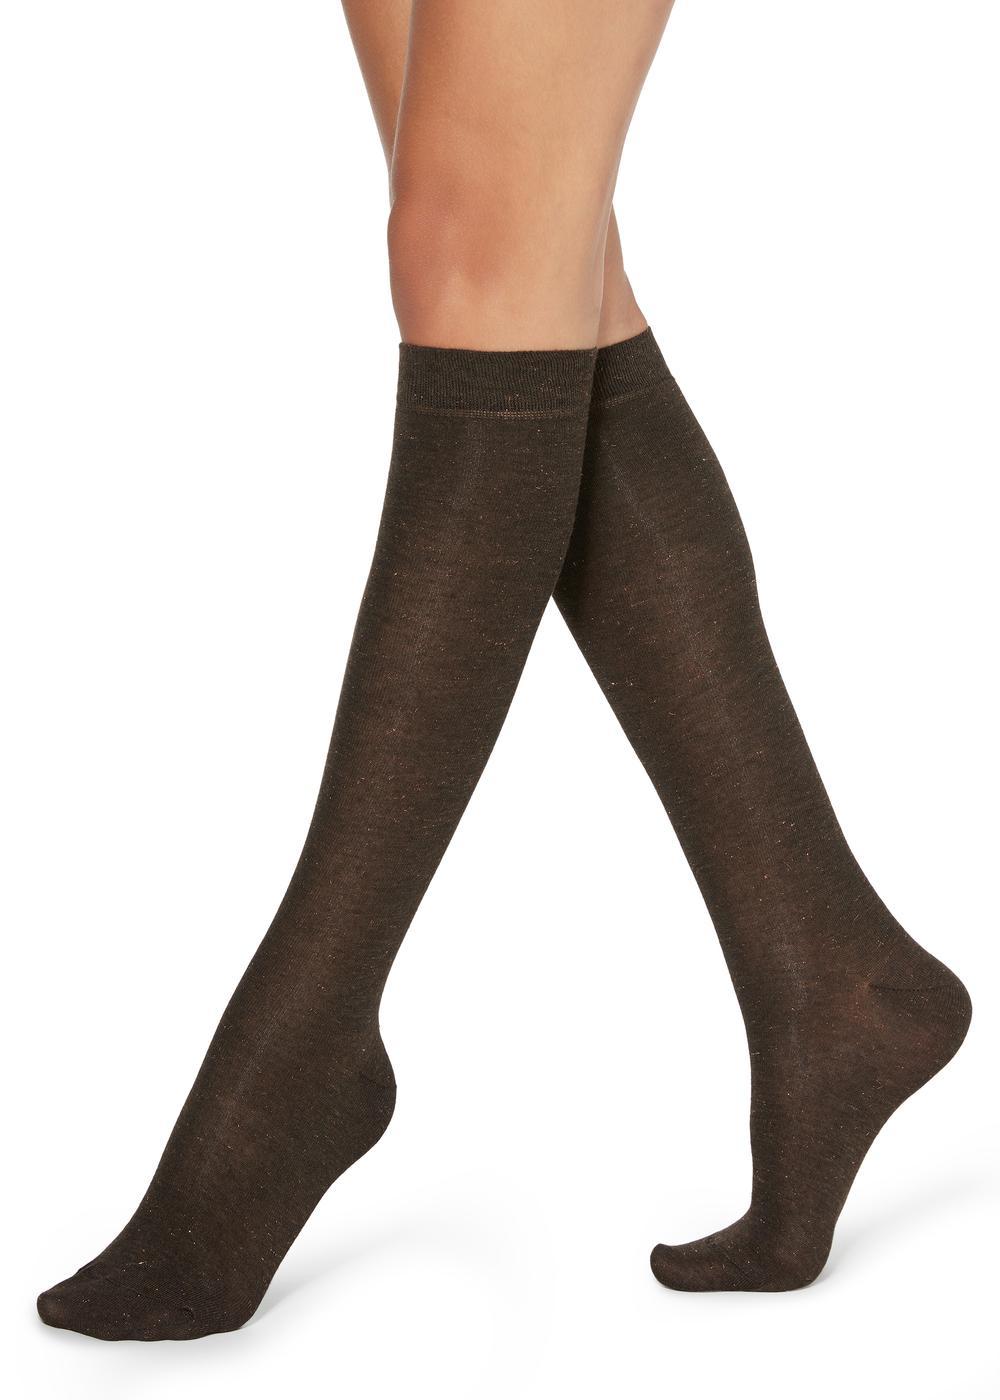 Patterned Knee-High Socks